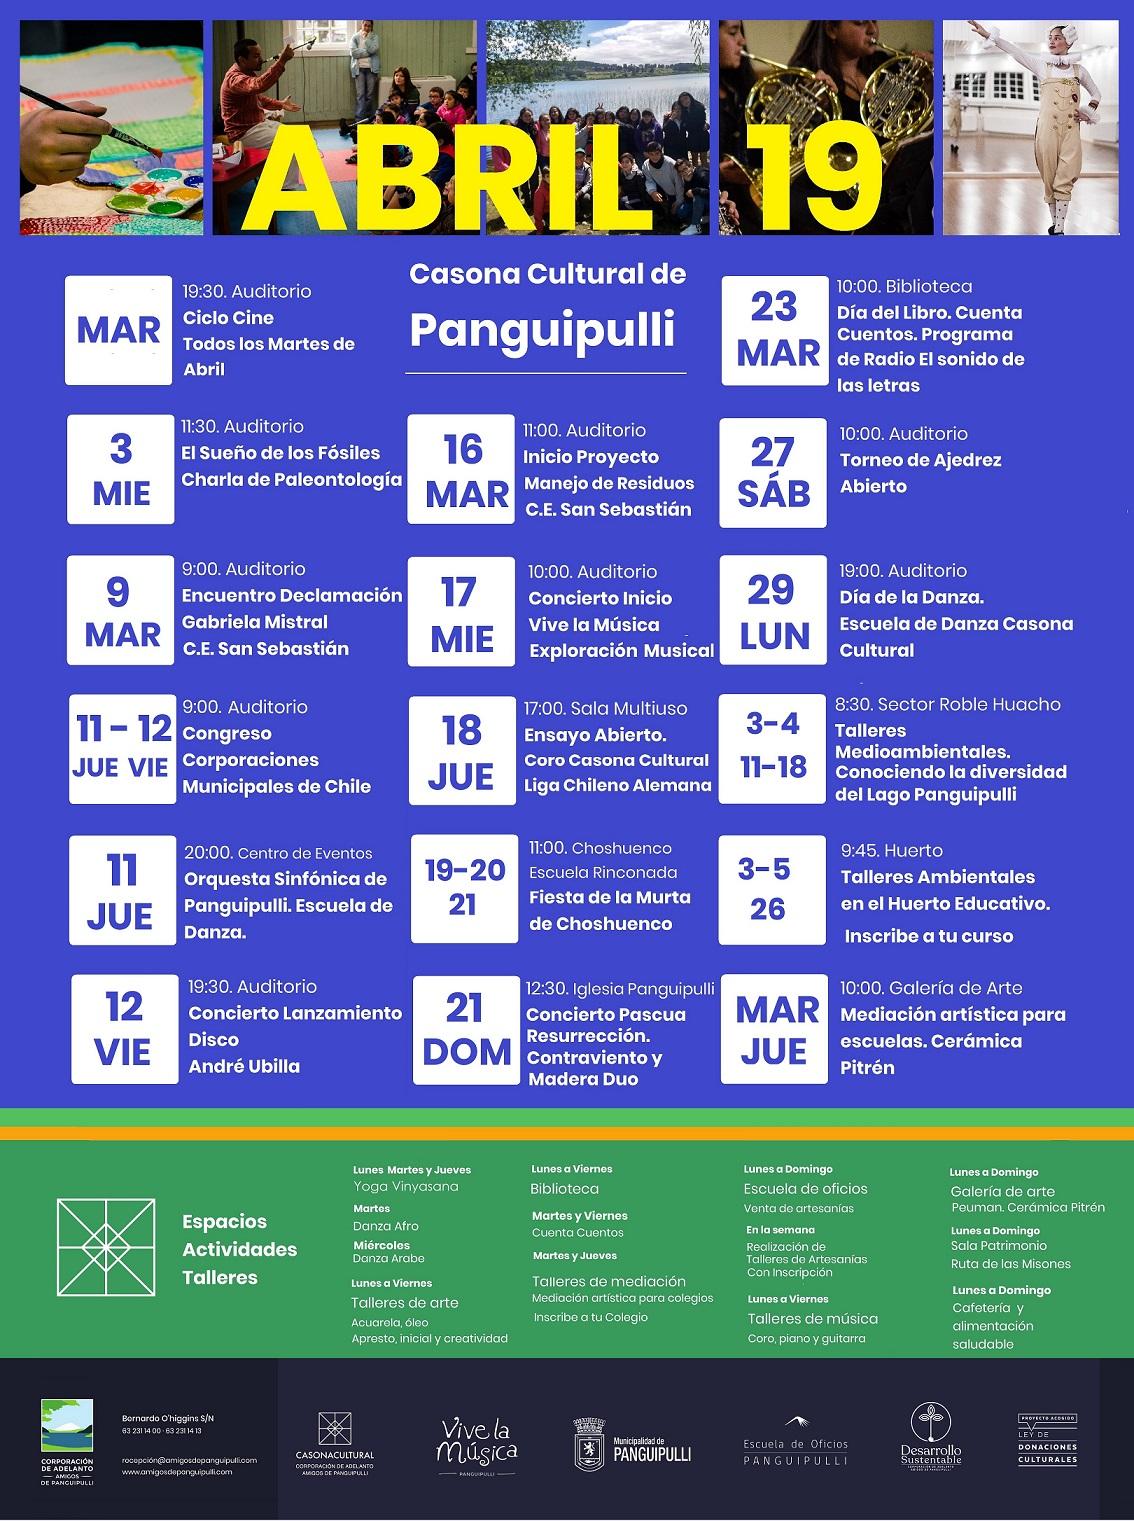 Programación Abril Casona Cultural